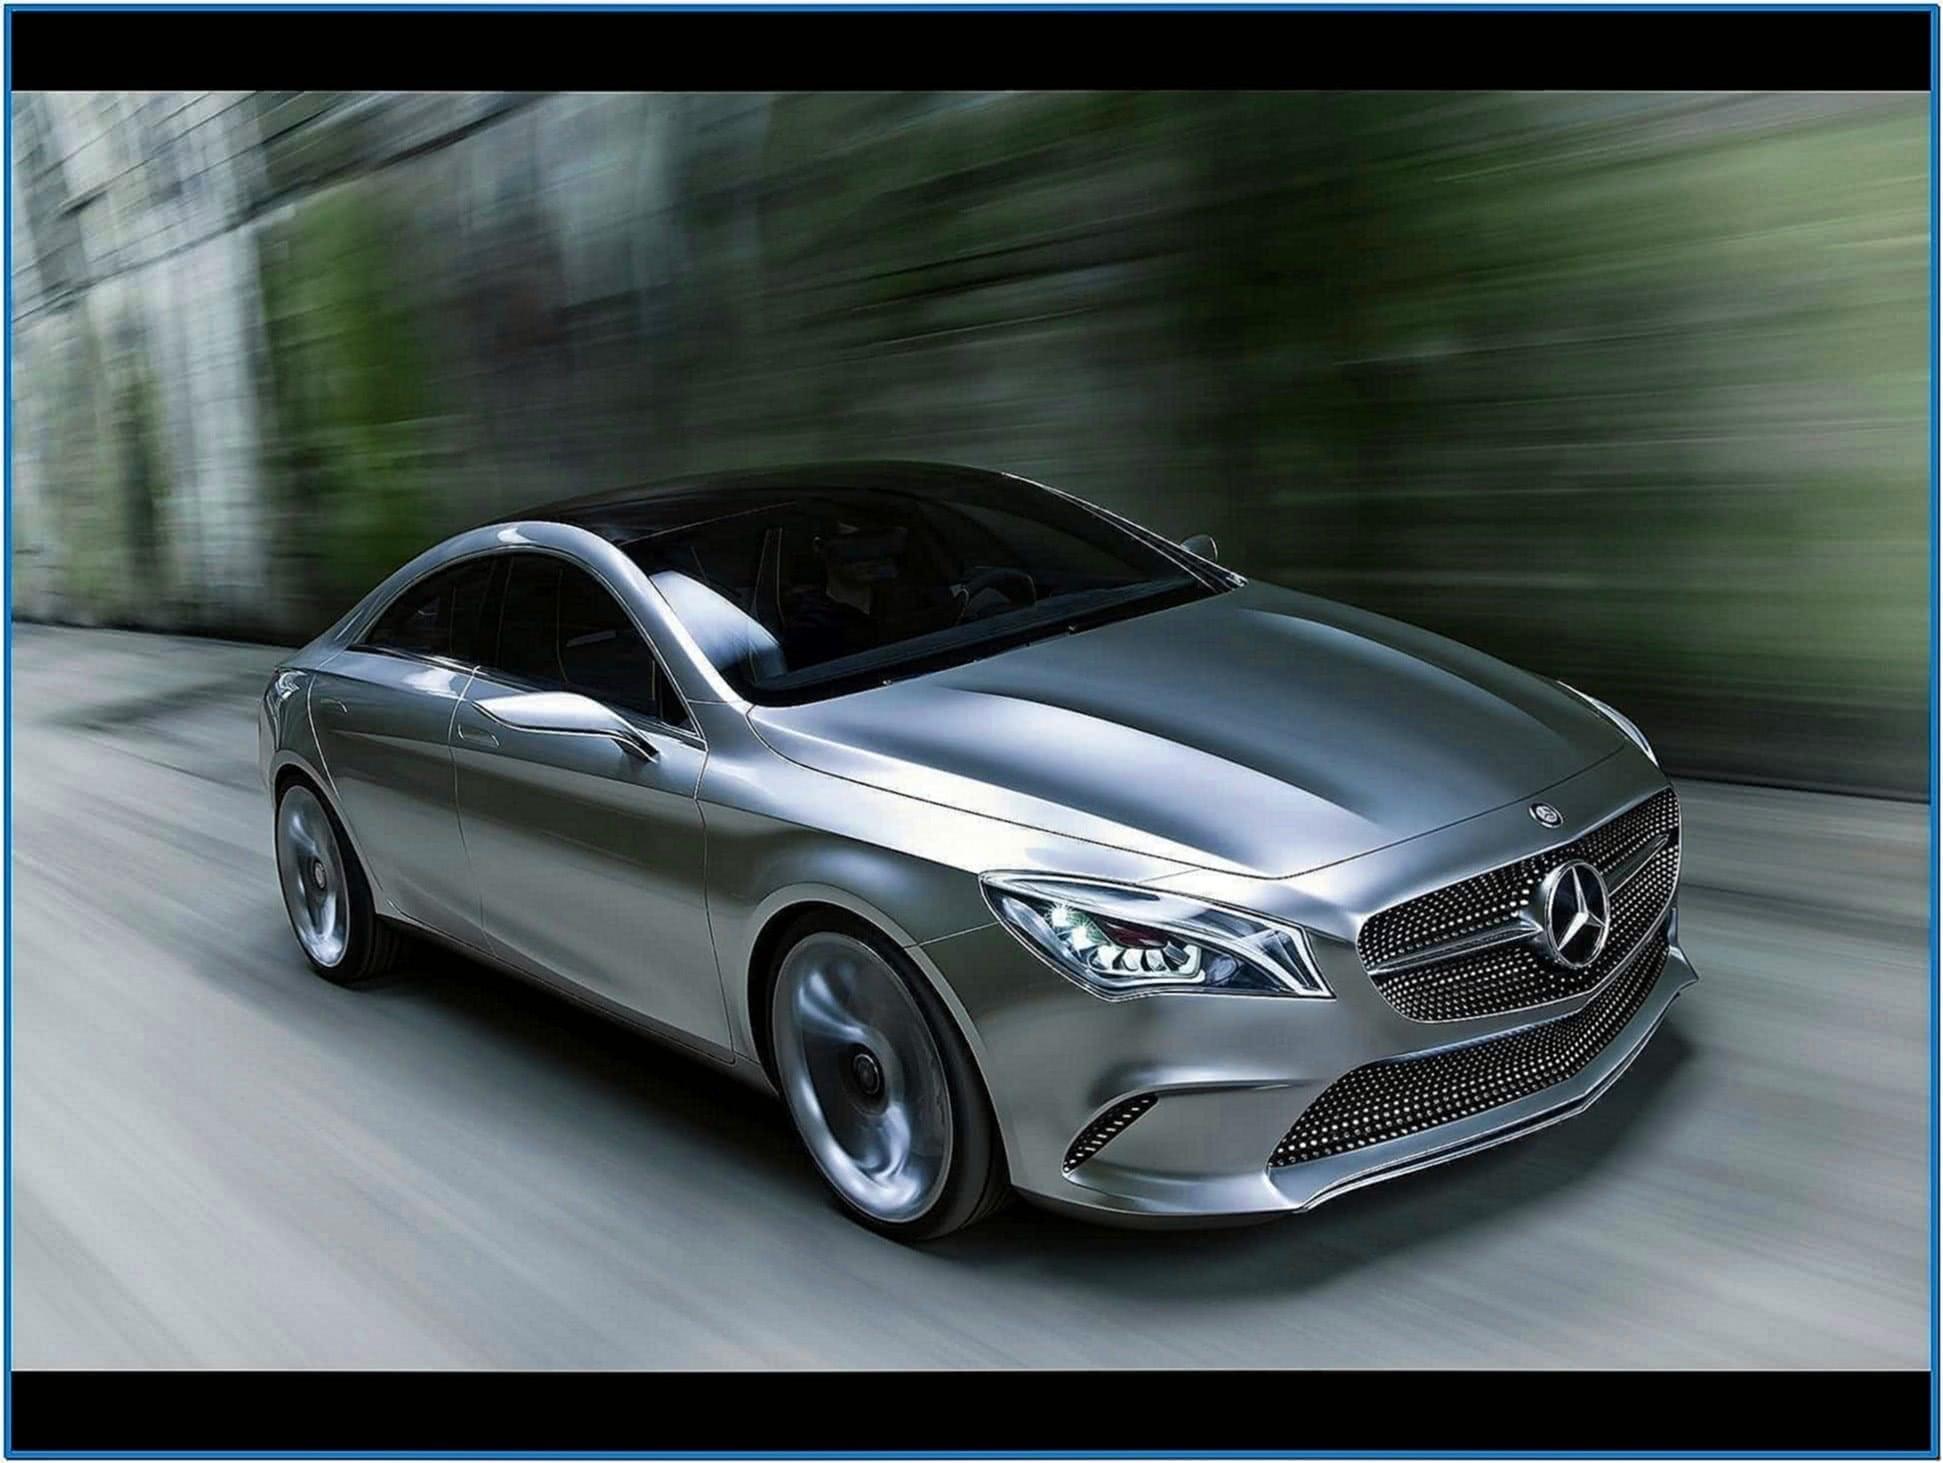 Mercedes Benz Screensaver Mac